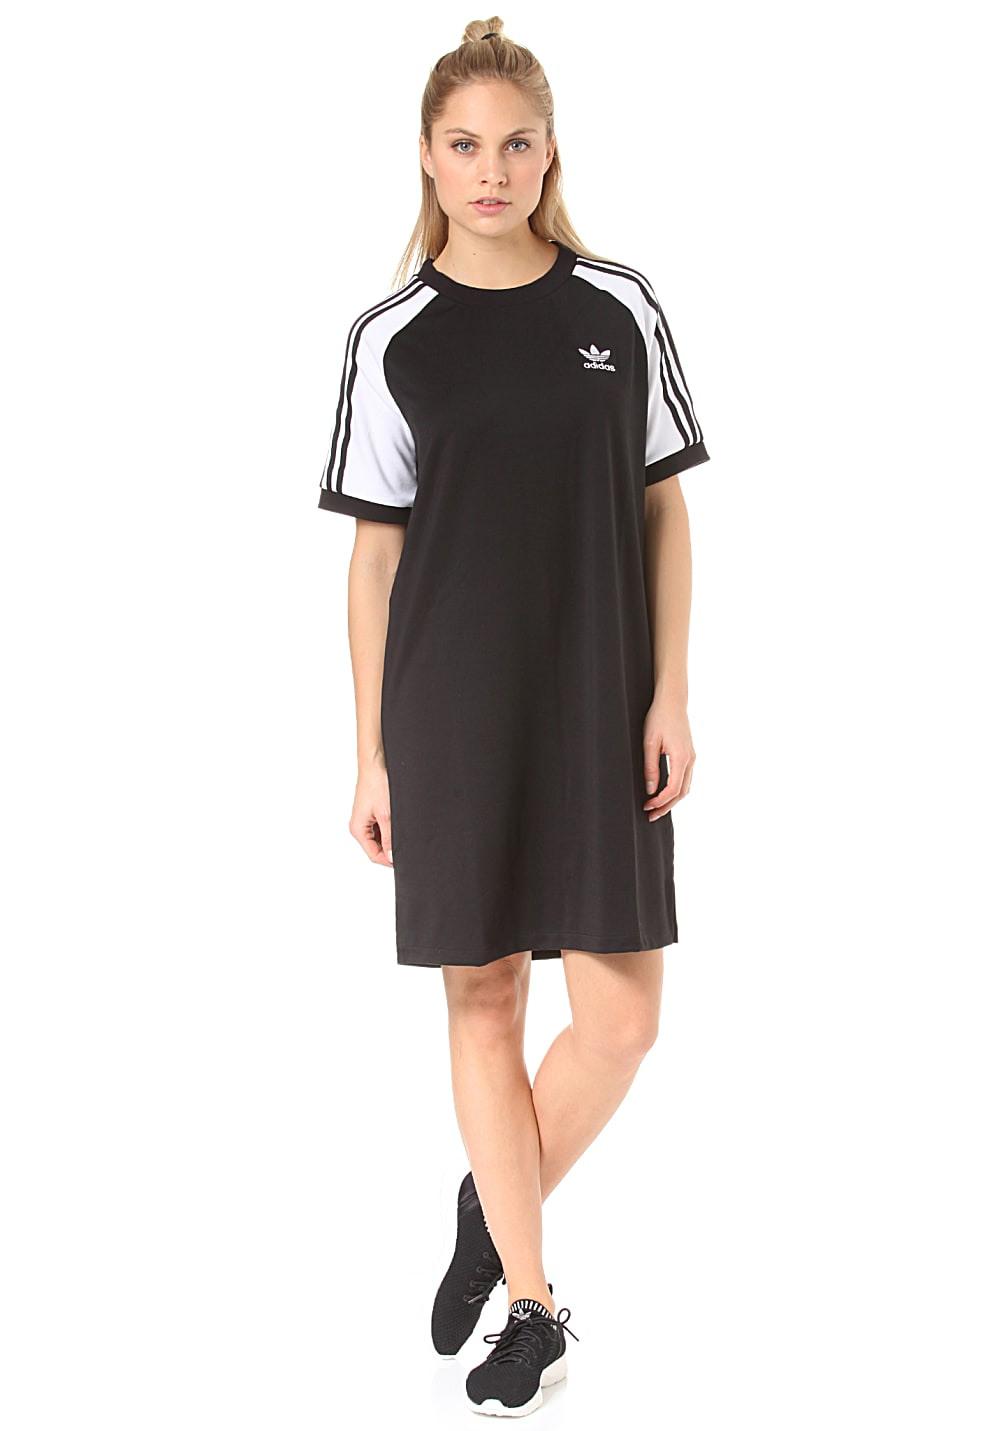 Adidas Originals Raglan  Kleid Für Damen  Schwarz